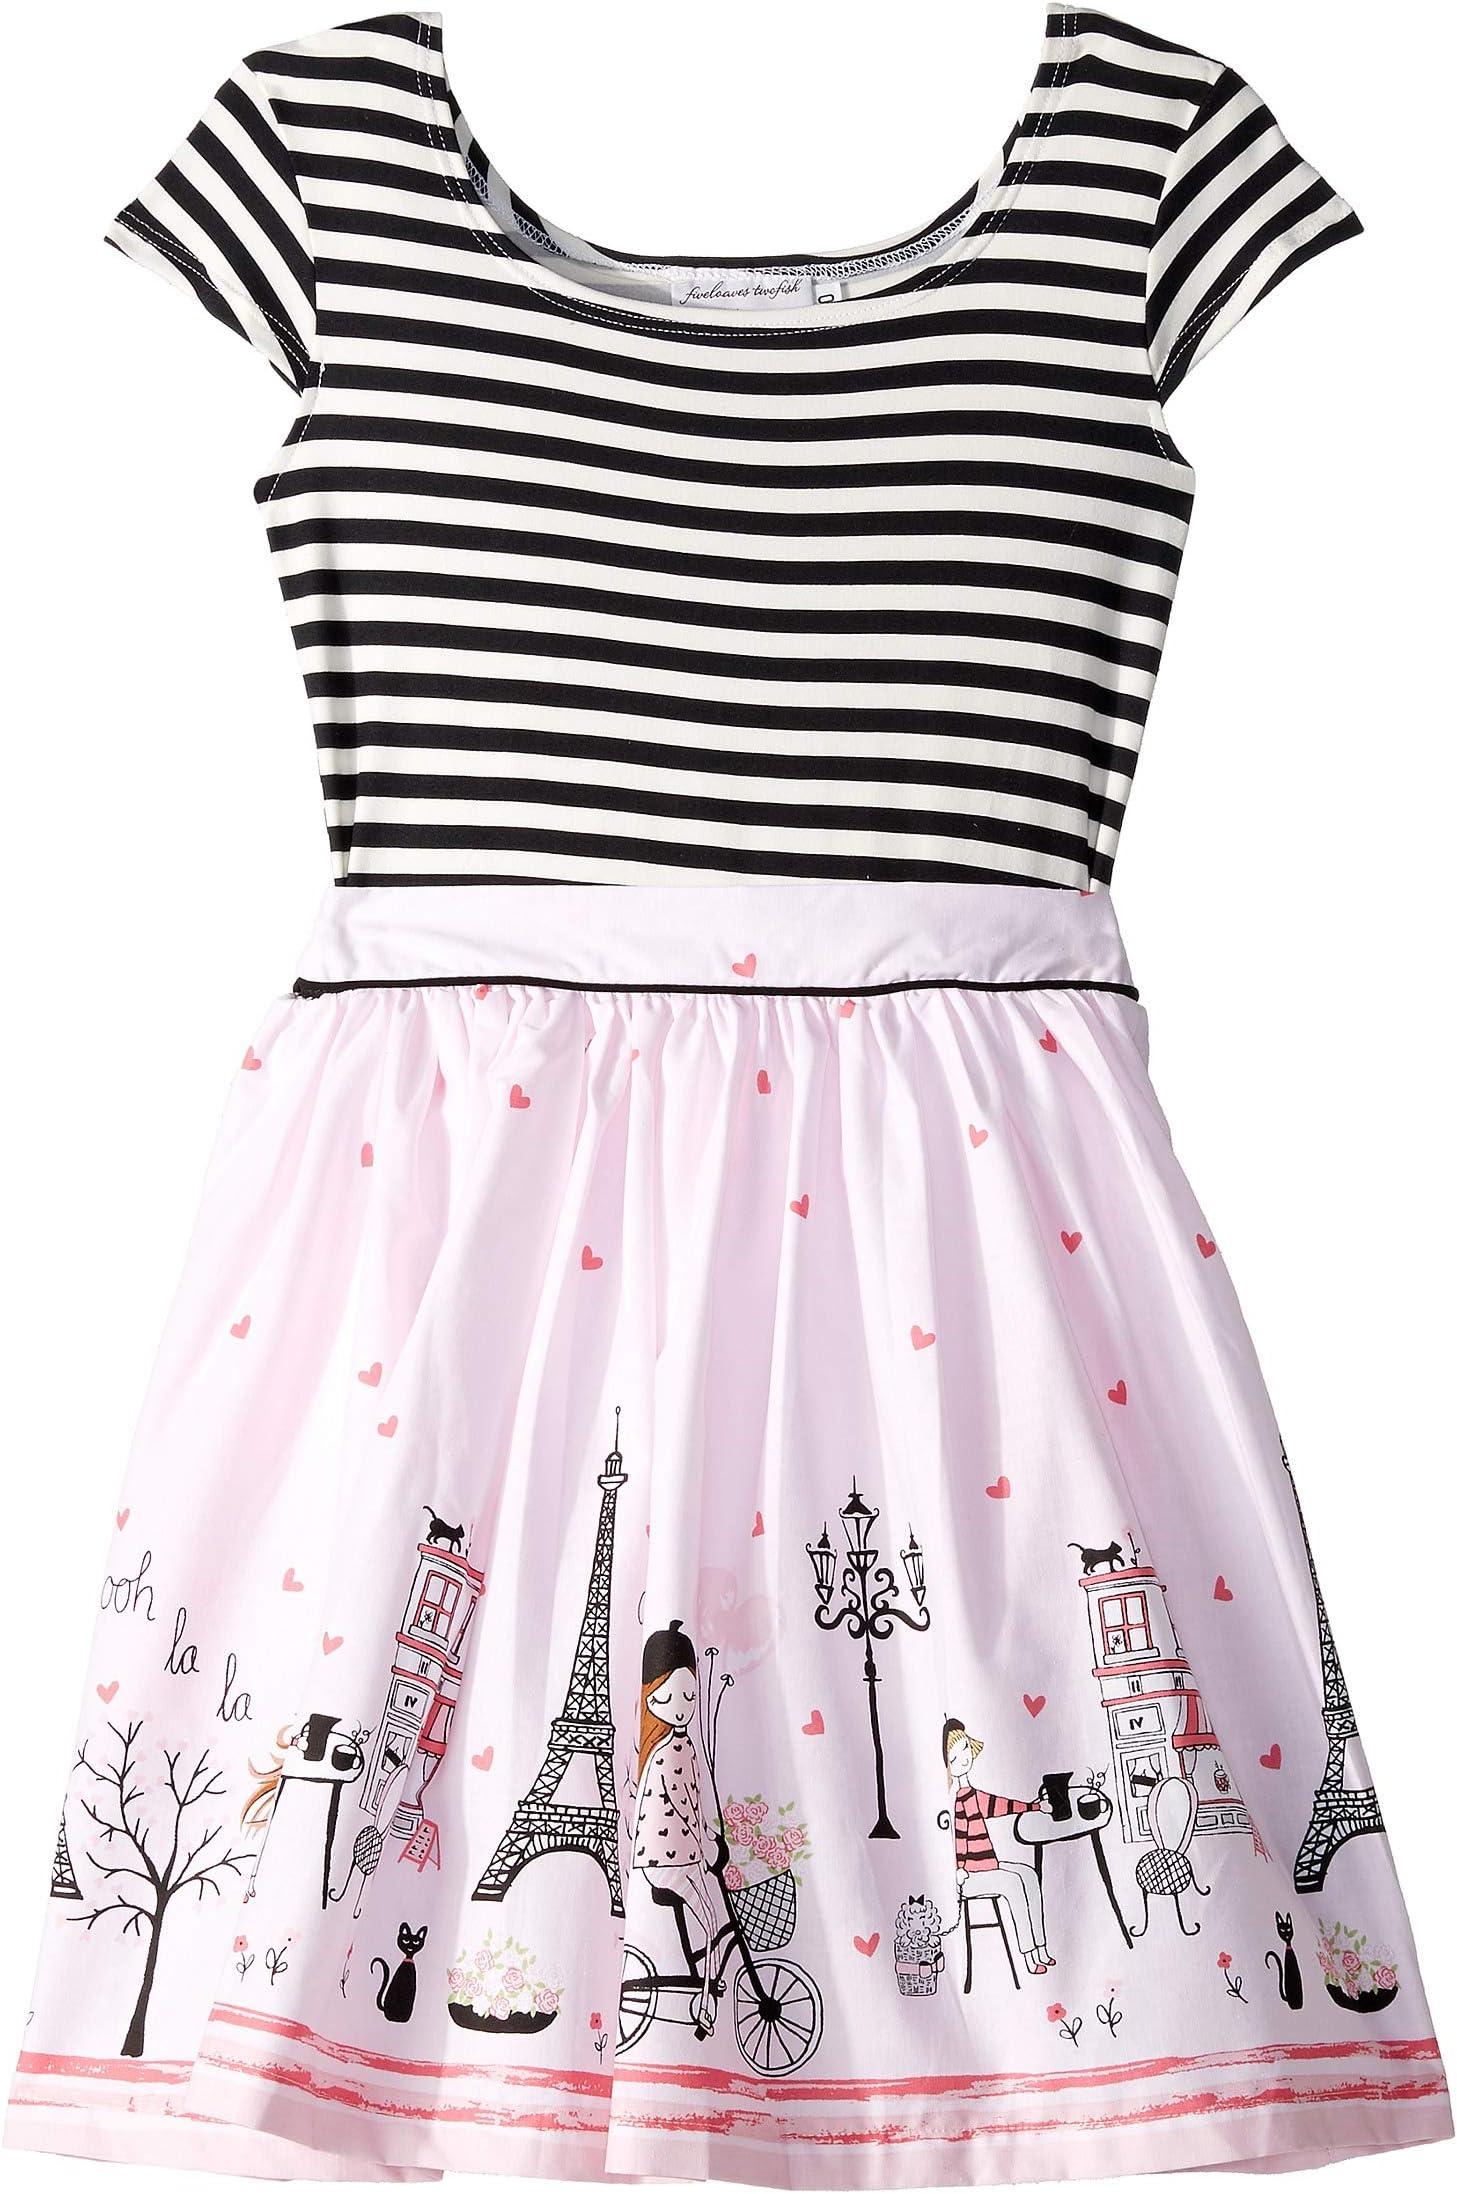 0f7667137e189 Girls' Clothing   Zappos.com